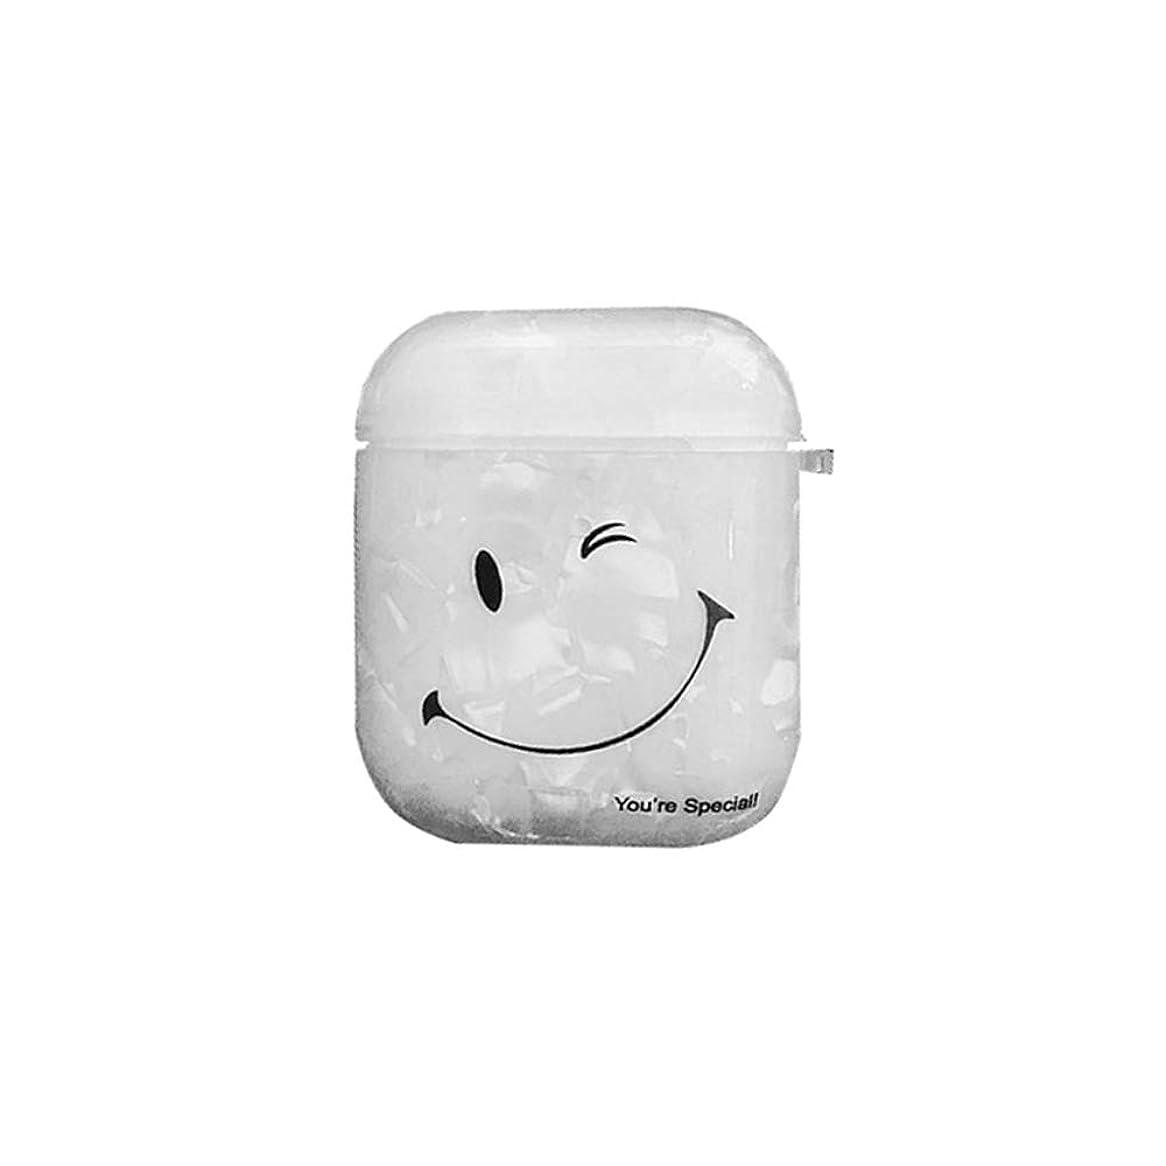 解凍する、雪解け、霜解け傾向がありますカストディアンAirpodsf保護カバー phoneワイヤレスイヤホンケース phone用シリコンケース シリコン製収納ケース おしゃれ 充電可能 カラビナ付き (イエロー)